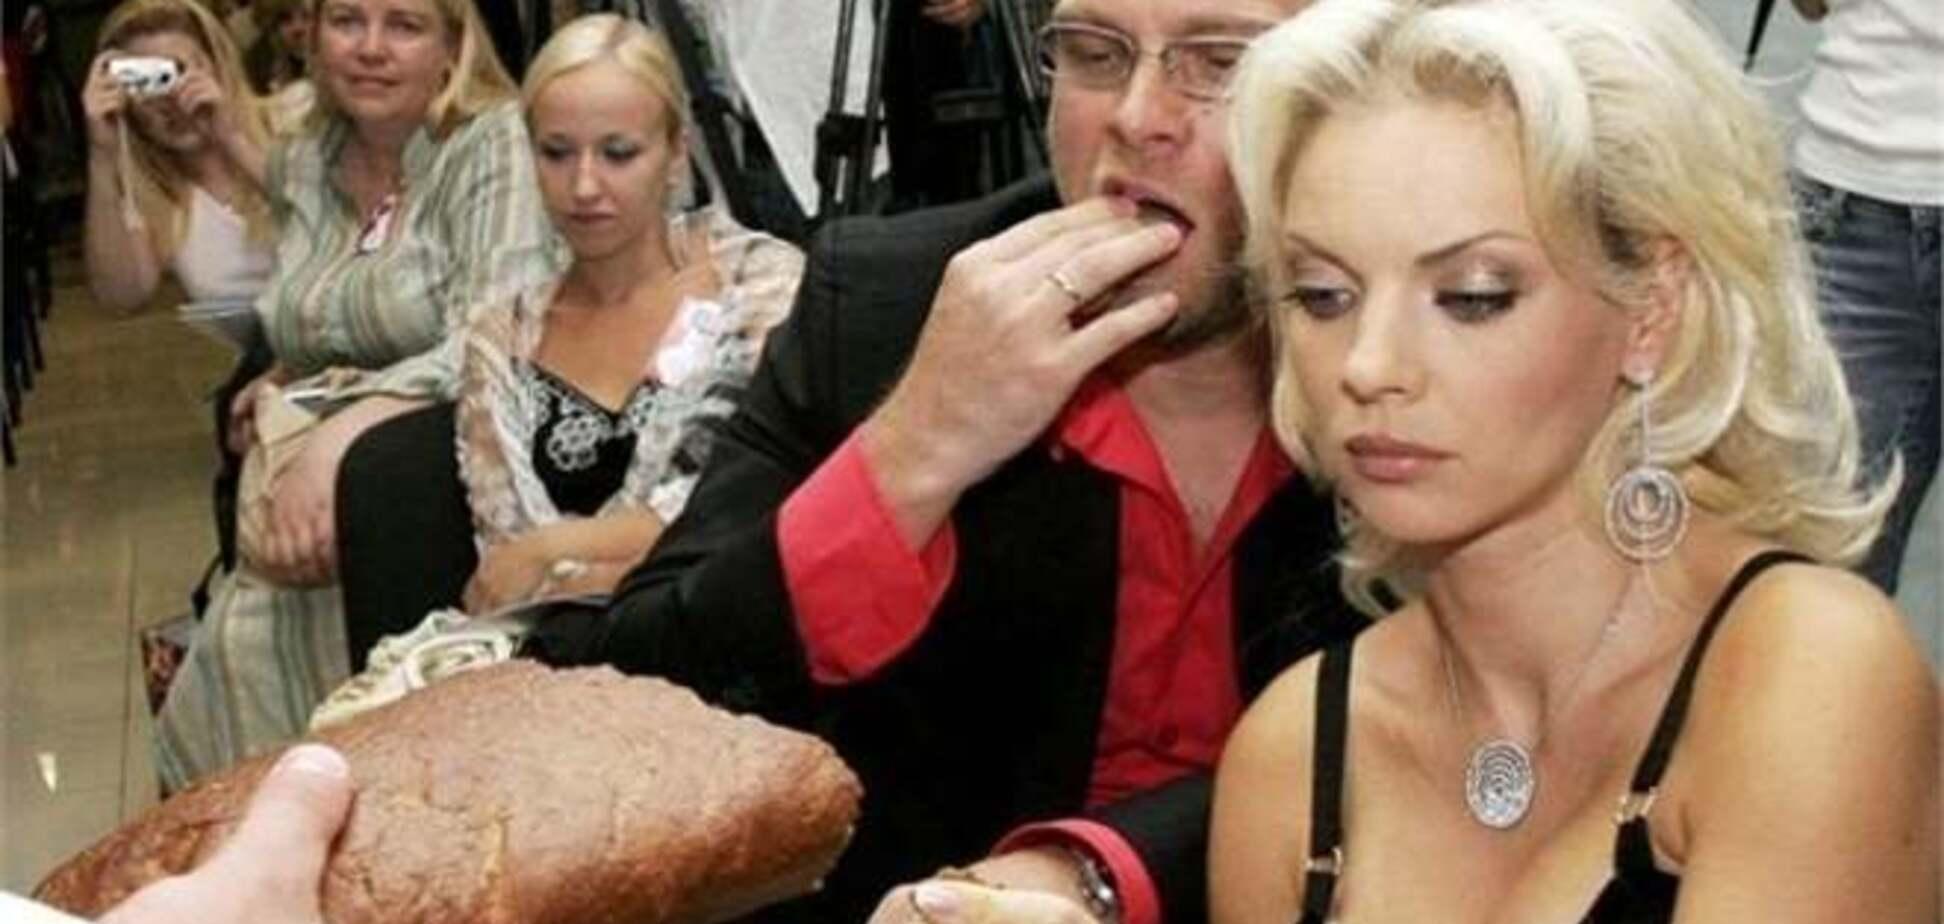 Окунская назвала Власенко 'профнепригодным'